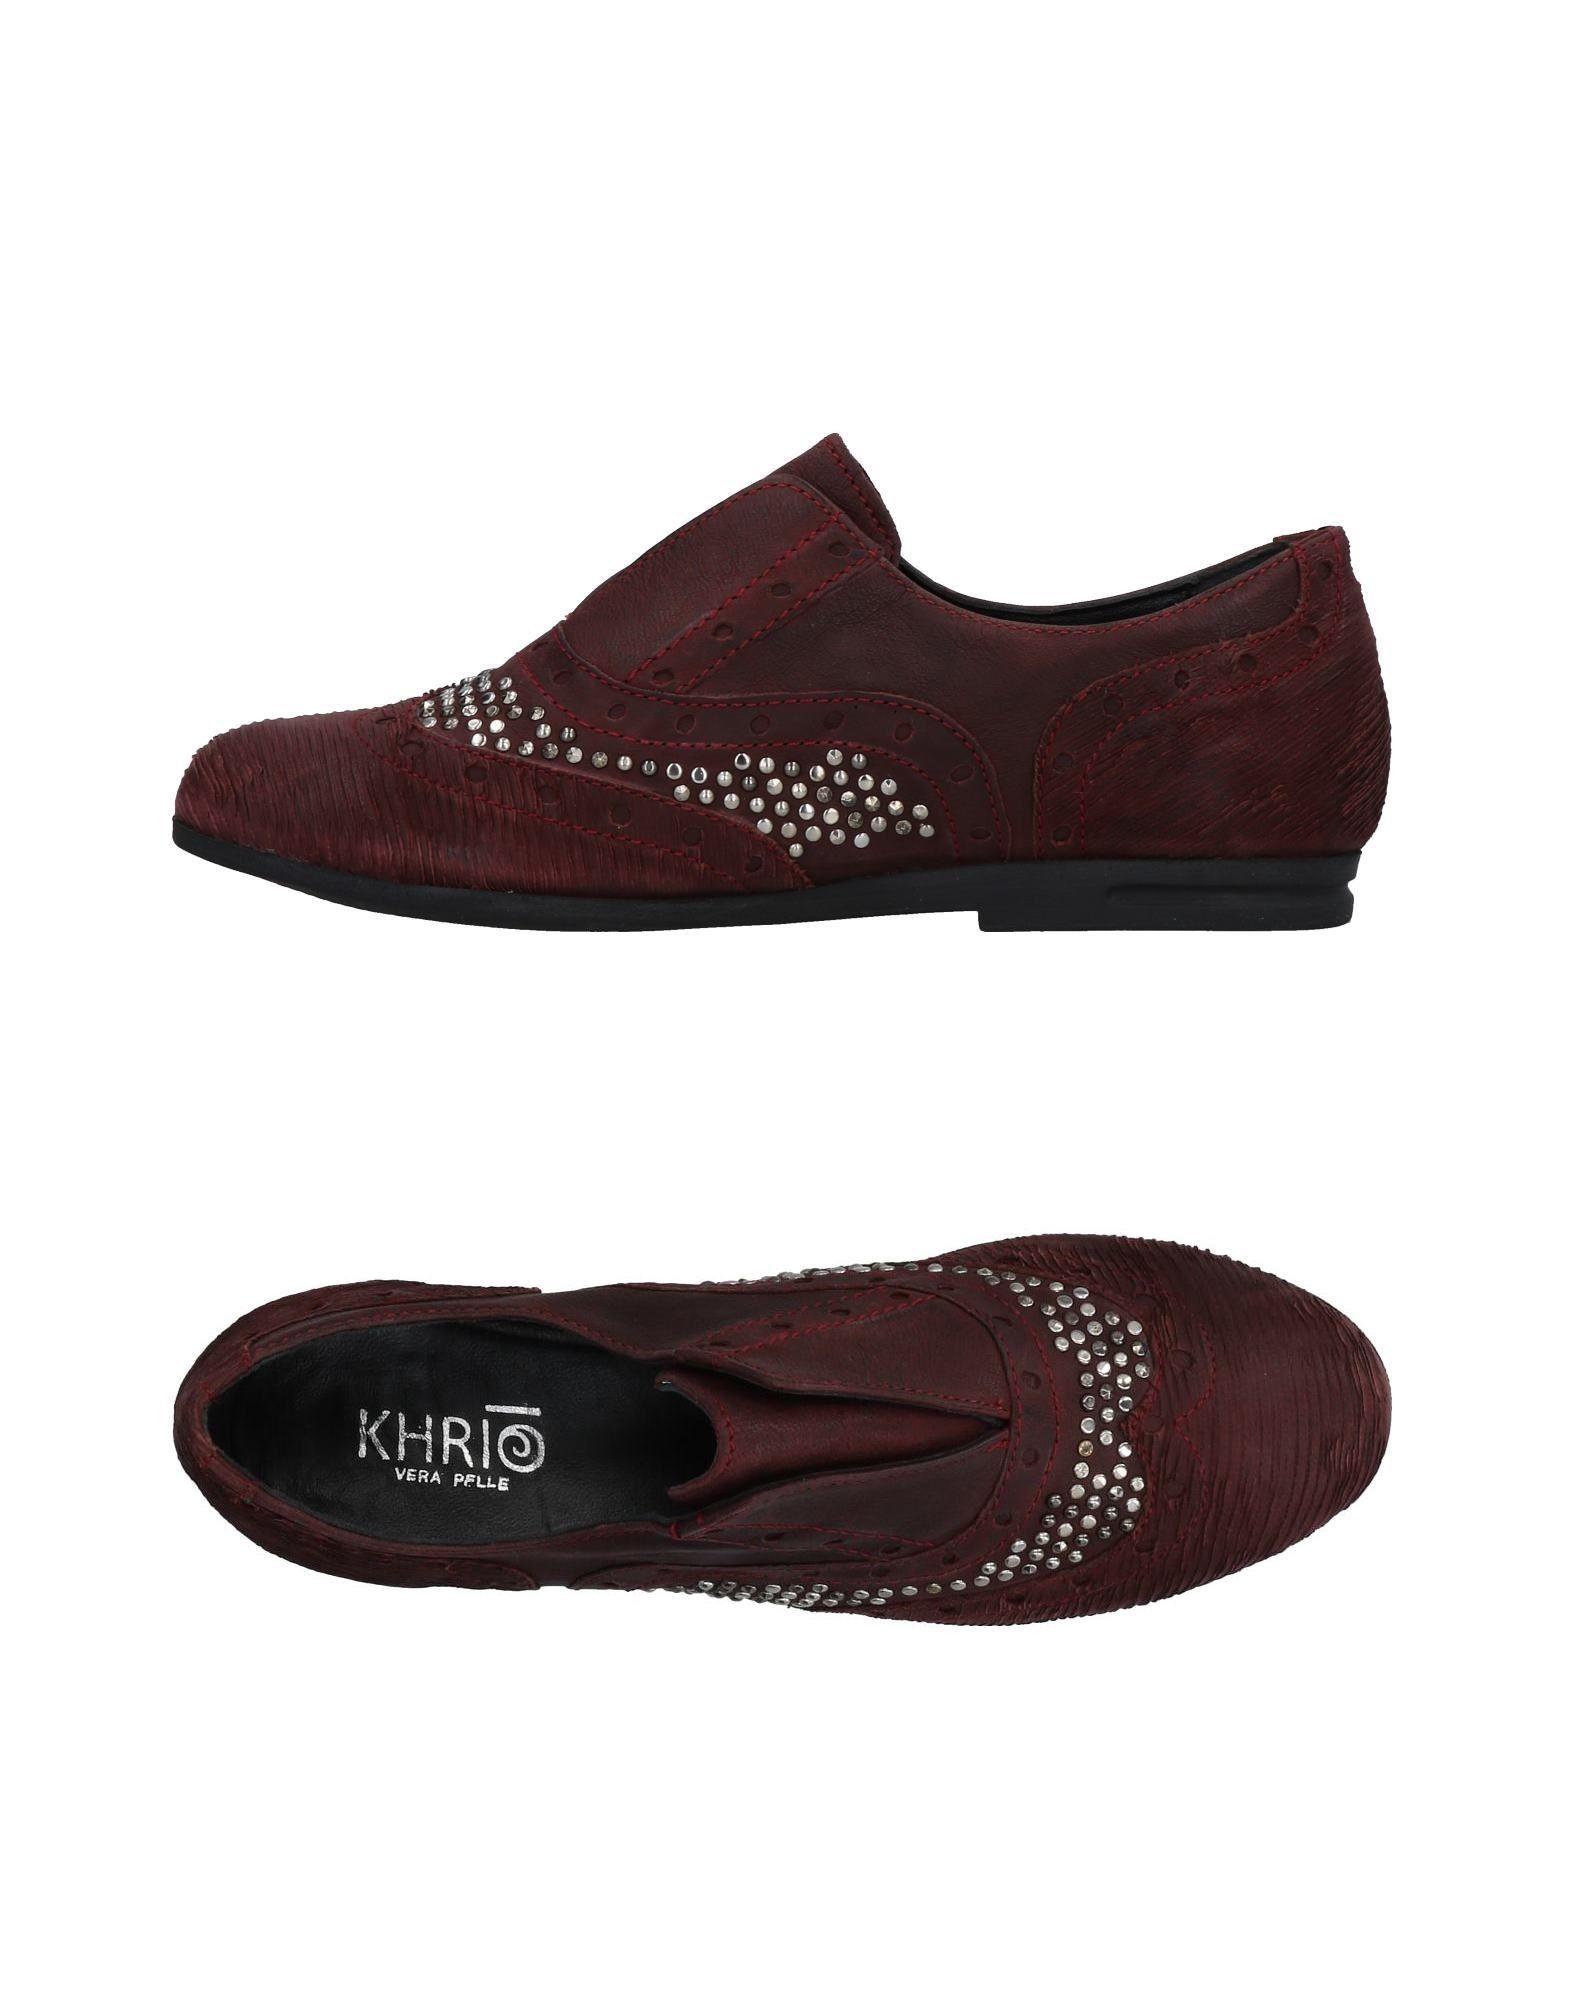 Khrio' Mokassins Damen  beliebte 11491906OQ Gute Qualität beliebte  Schuhe a98244